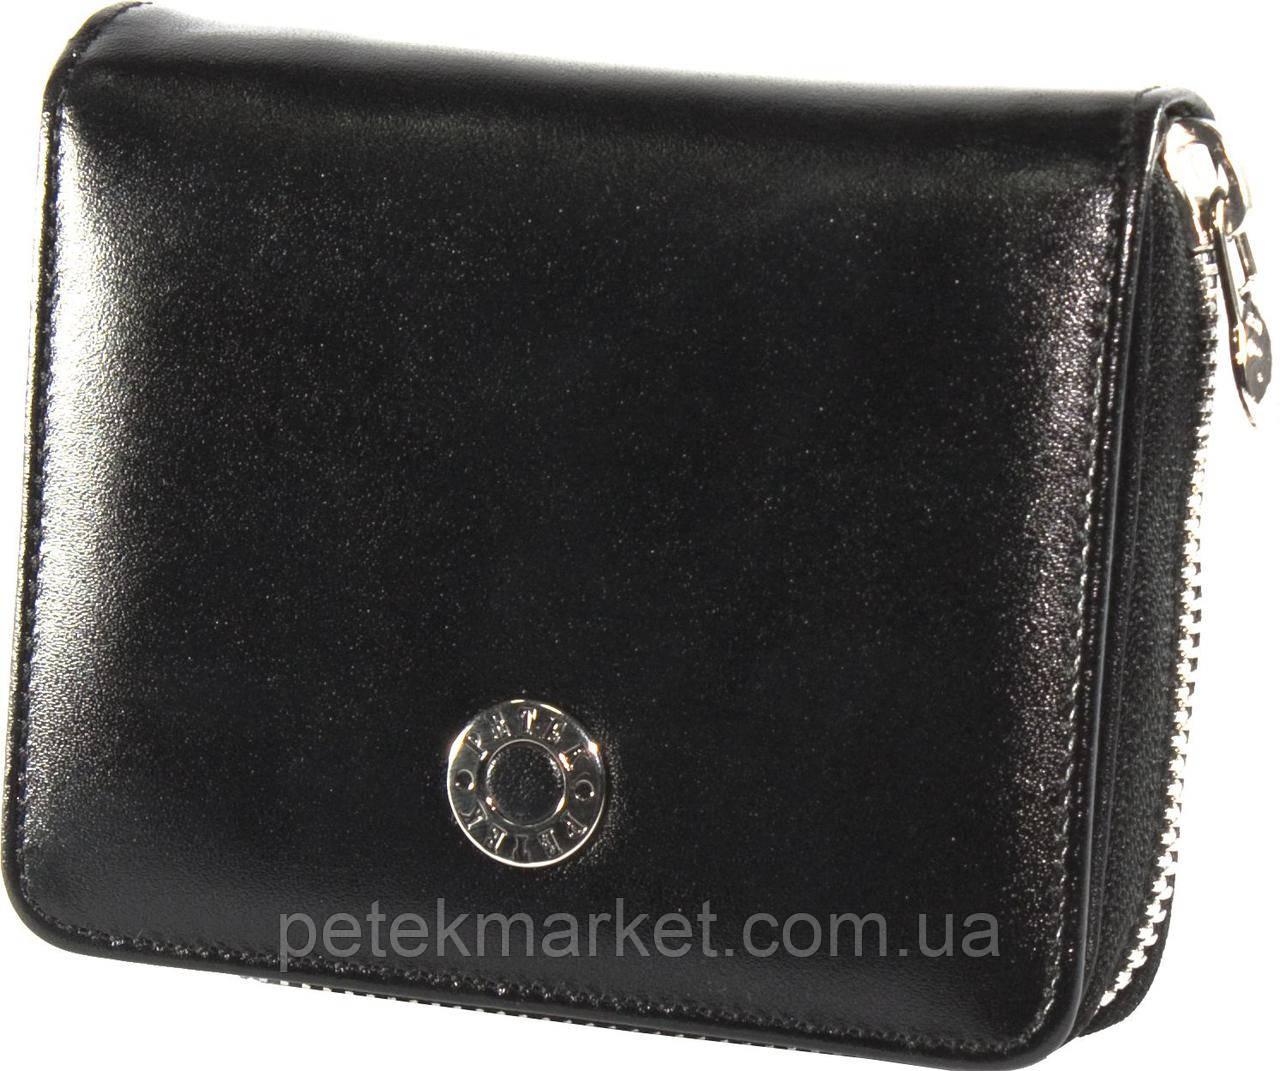 Кожаный женский кошелек Petek 380